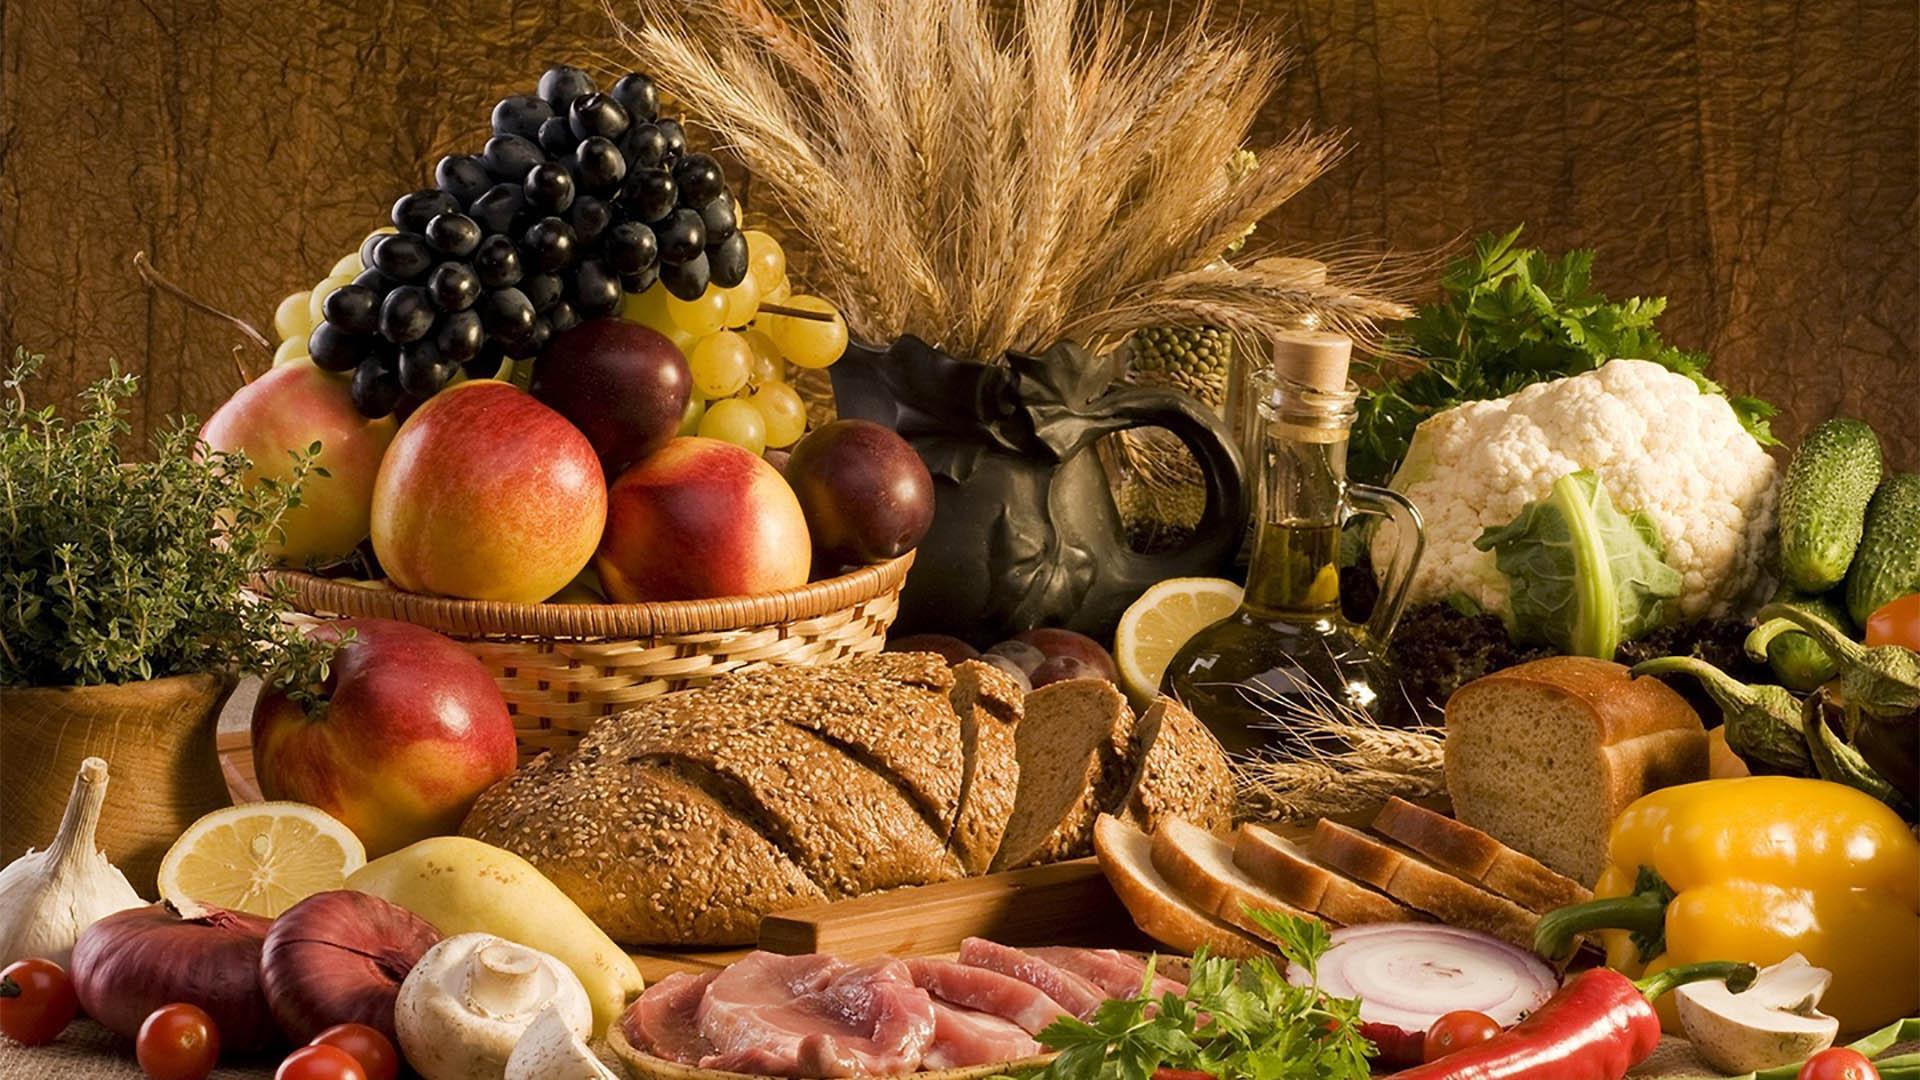 Celiachia: aggiornamenti sulla dieta senza glutine